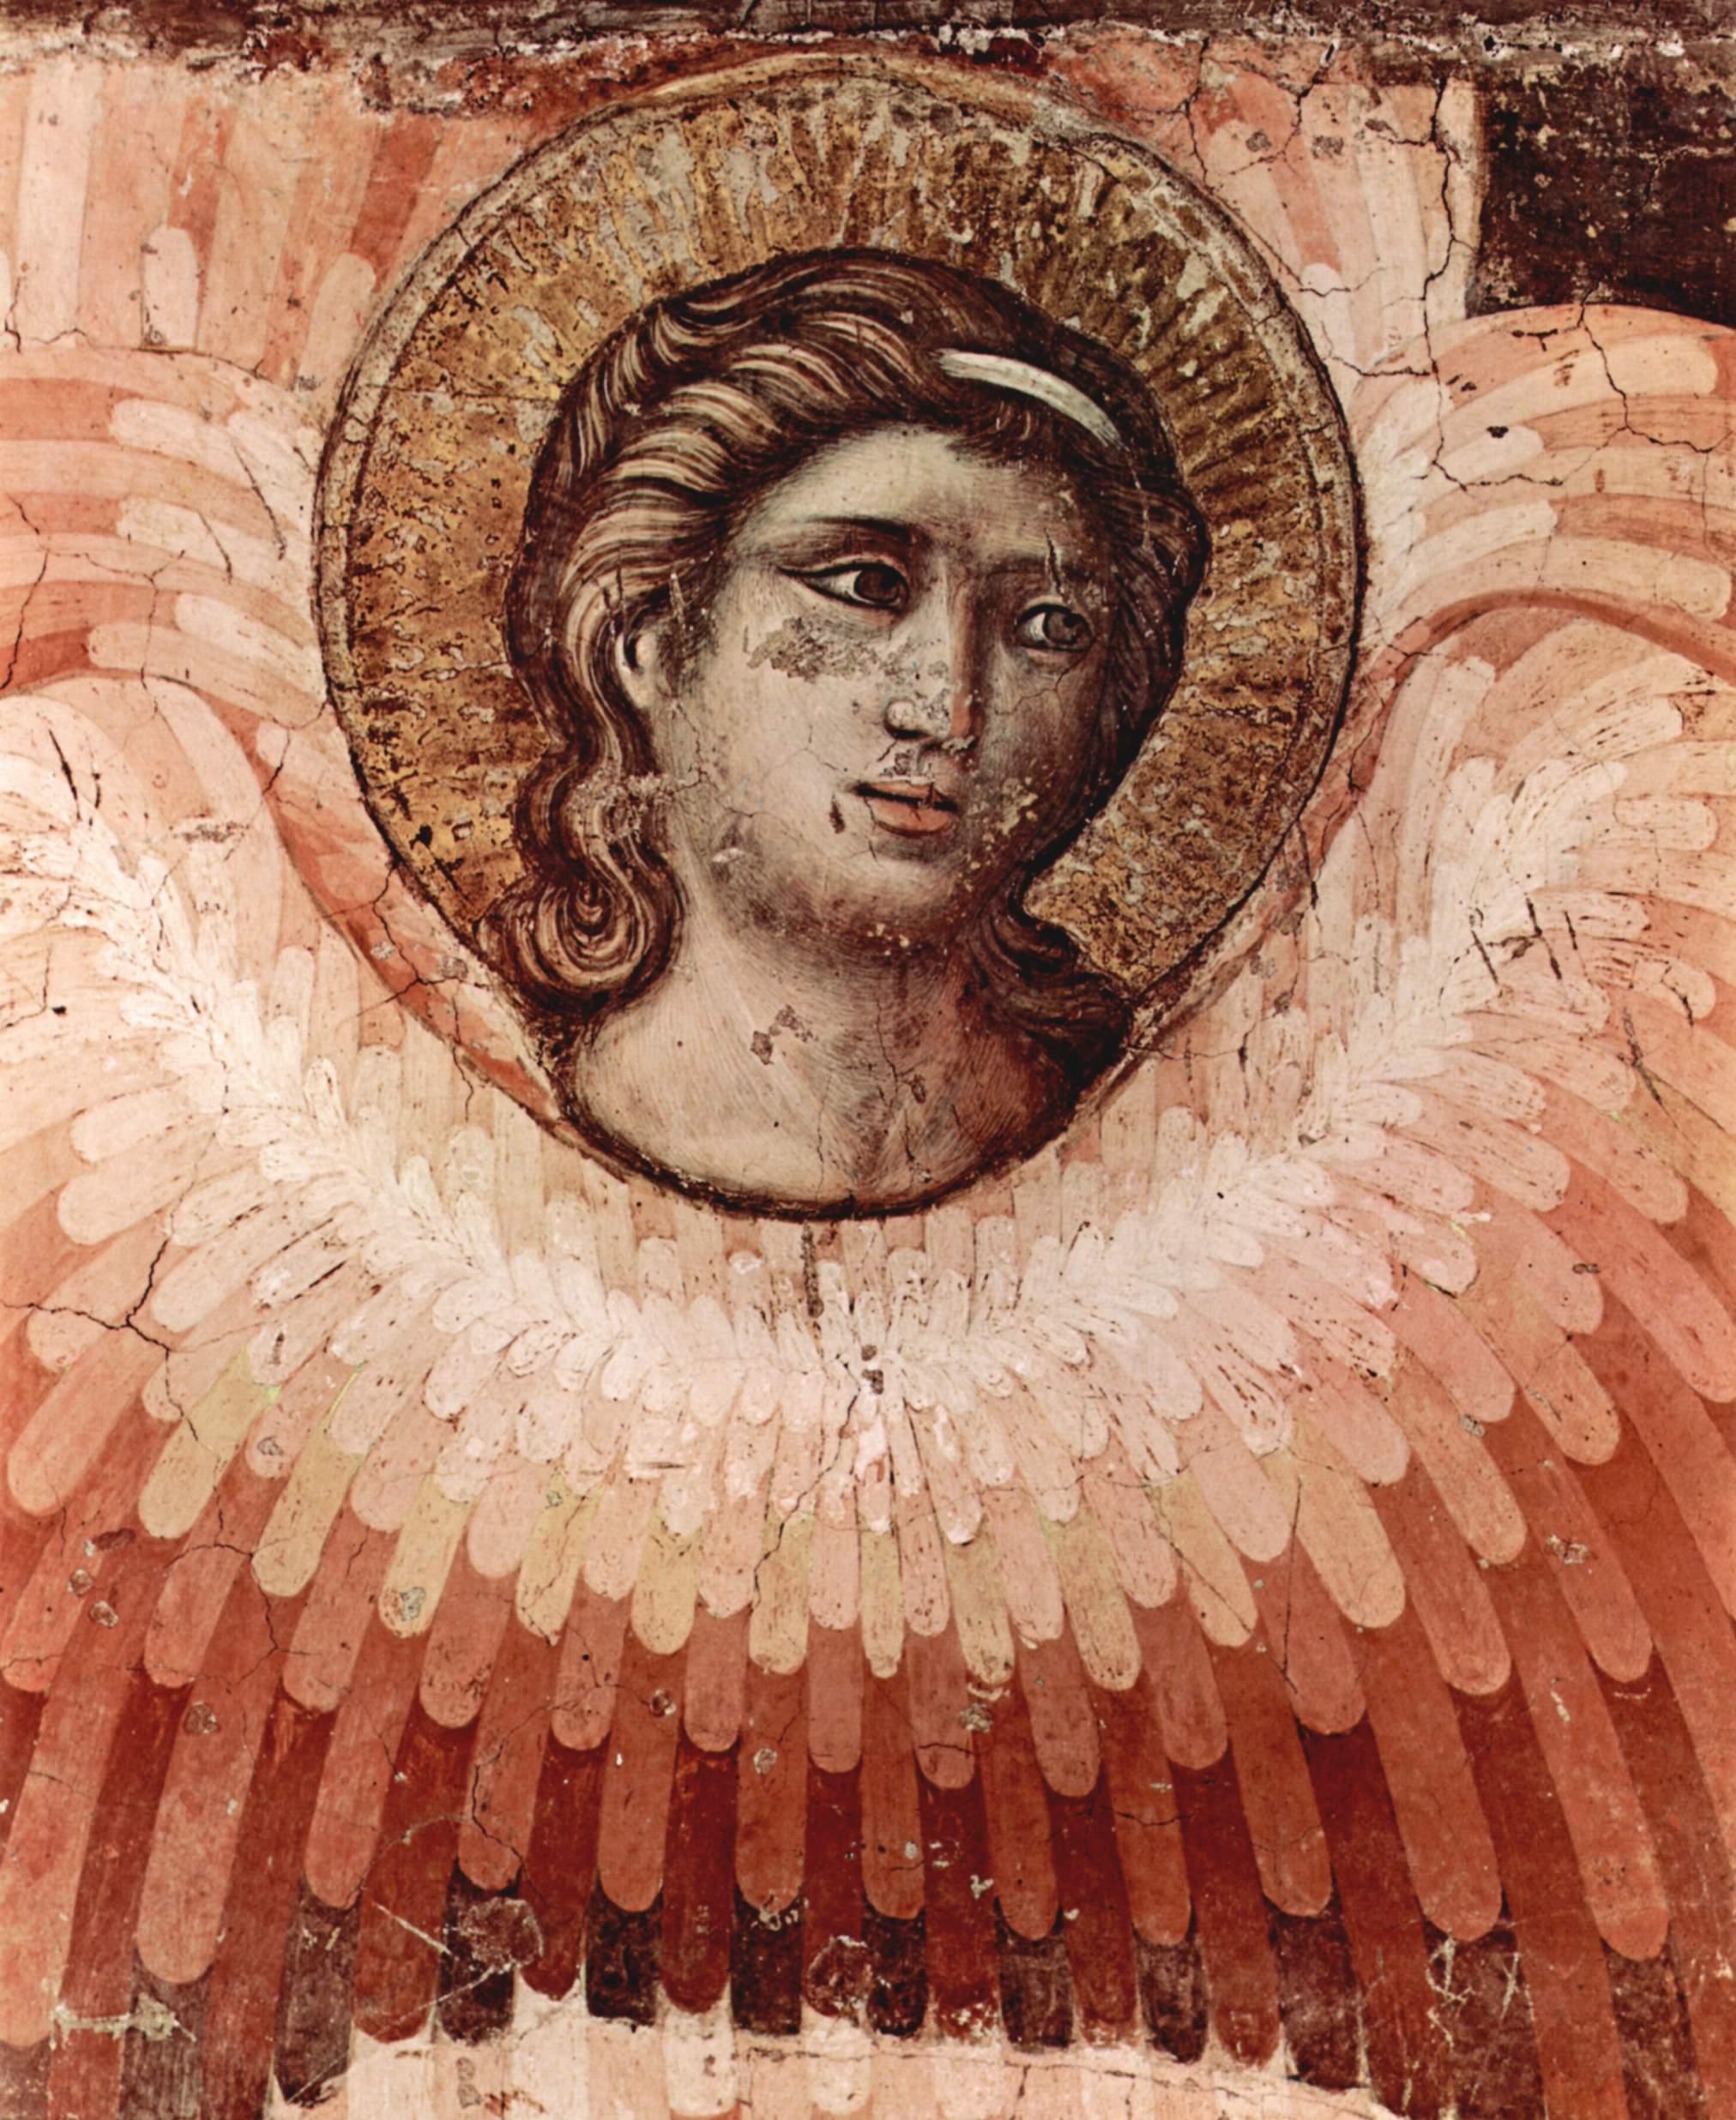 CAVALLINI, Pietro Last Judgement (detail) 1290s